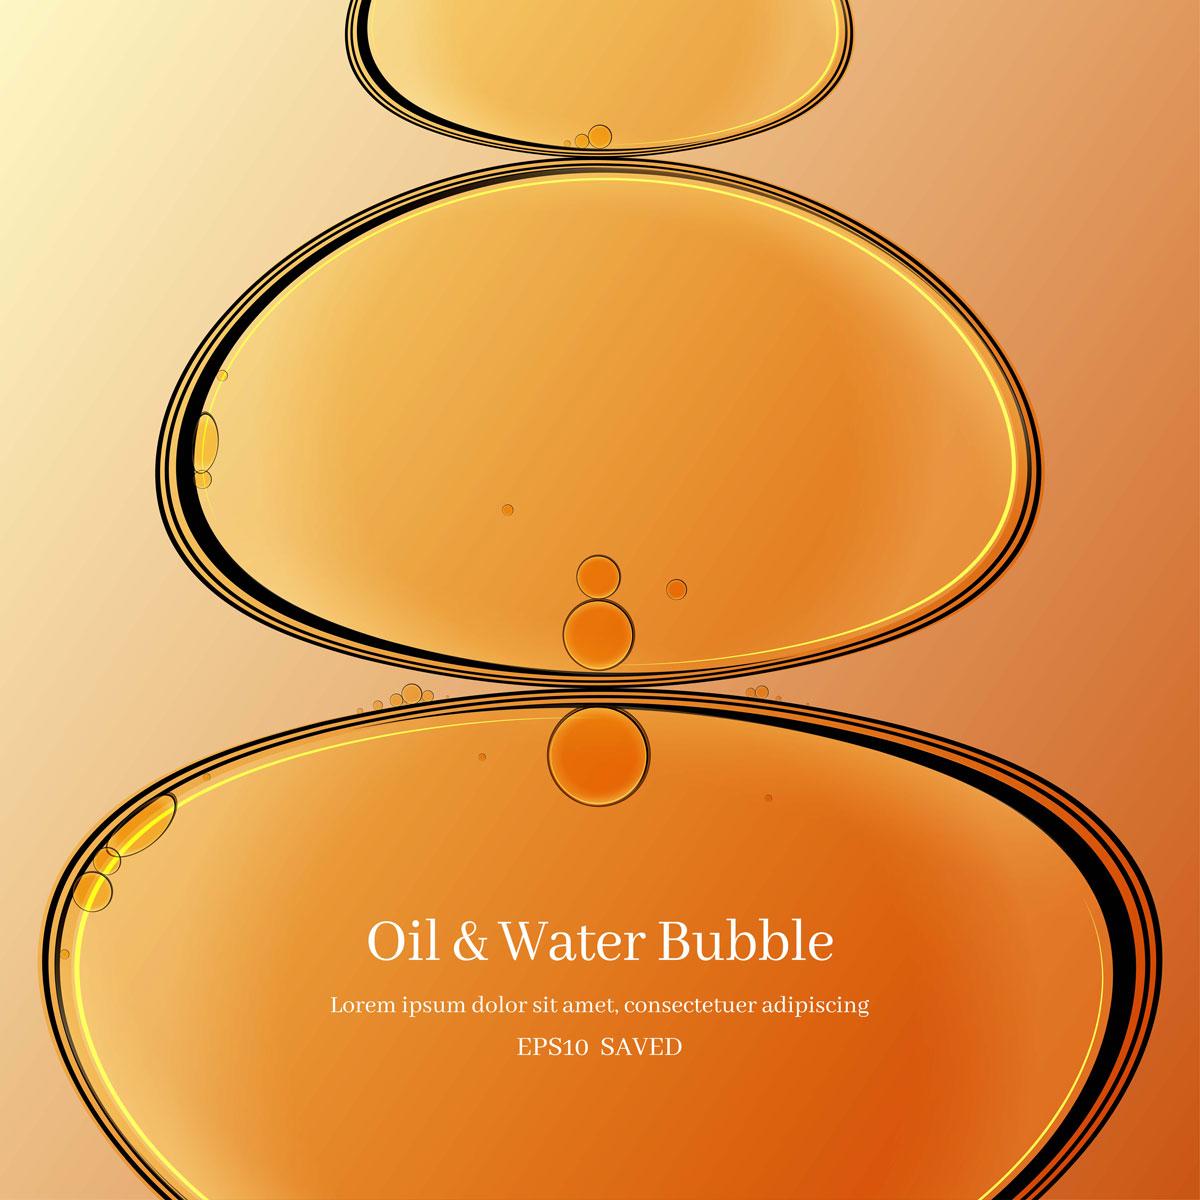 14款油脂液体水滴气泡海报设计AI矢量素材 Water Drop Bubble Vector Material插图5